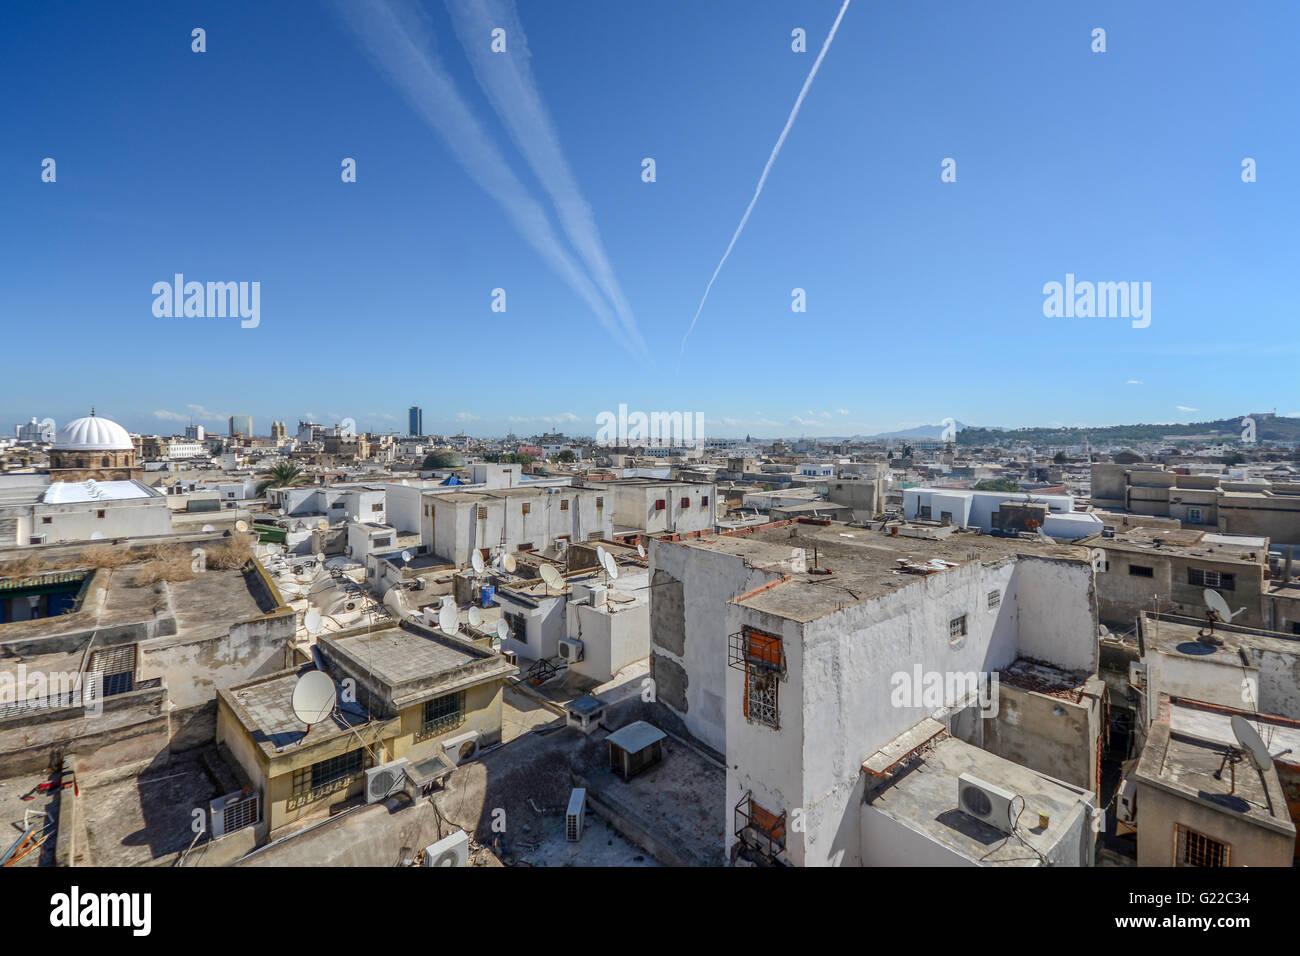 Vista aerea della città storica di Tunisi, Tunisia. Immagini Stock